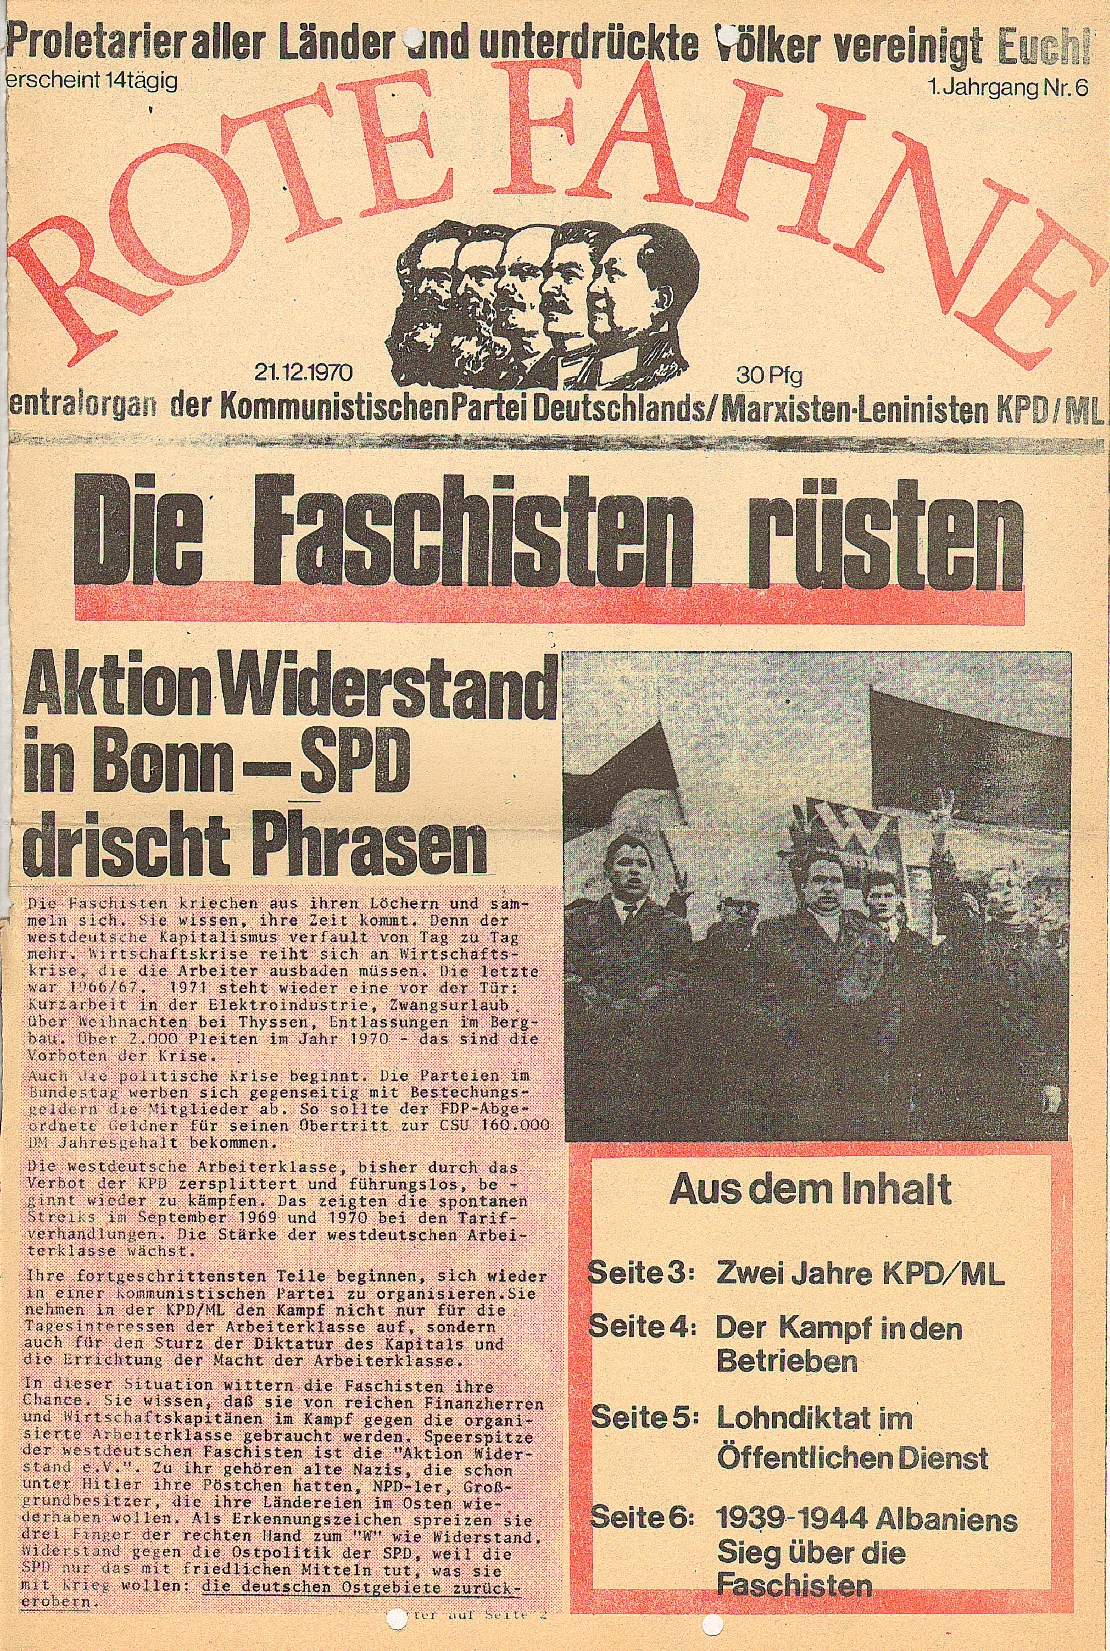 Rote Fahne, 1. Jg., 21.12.1970, Nr. 6, Seite 1